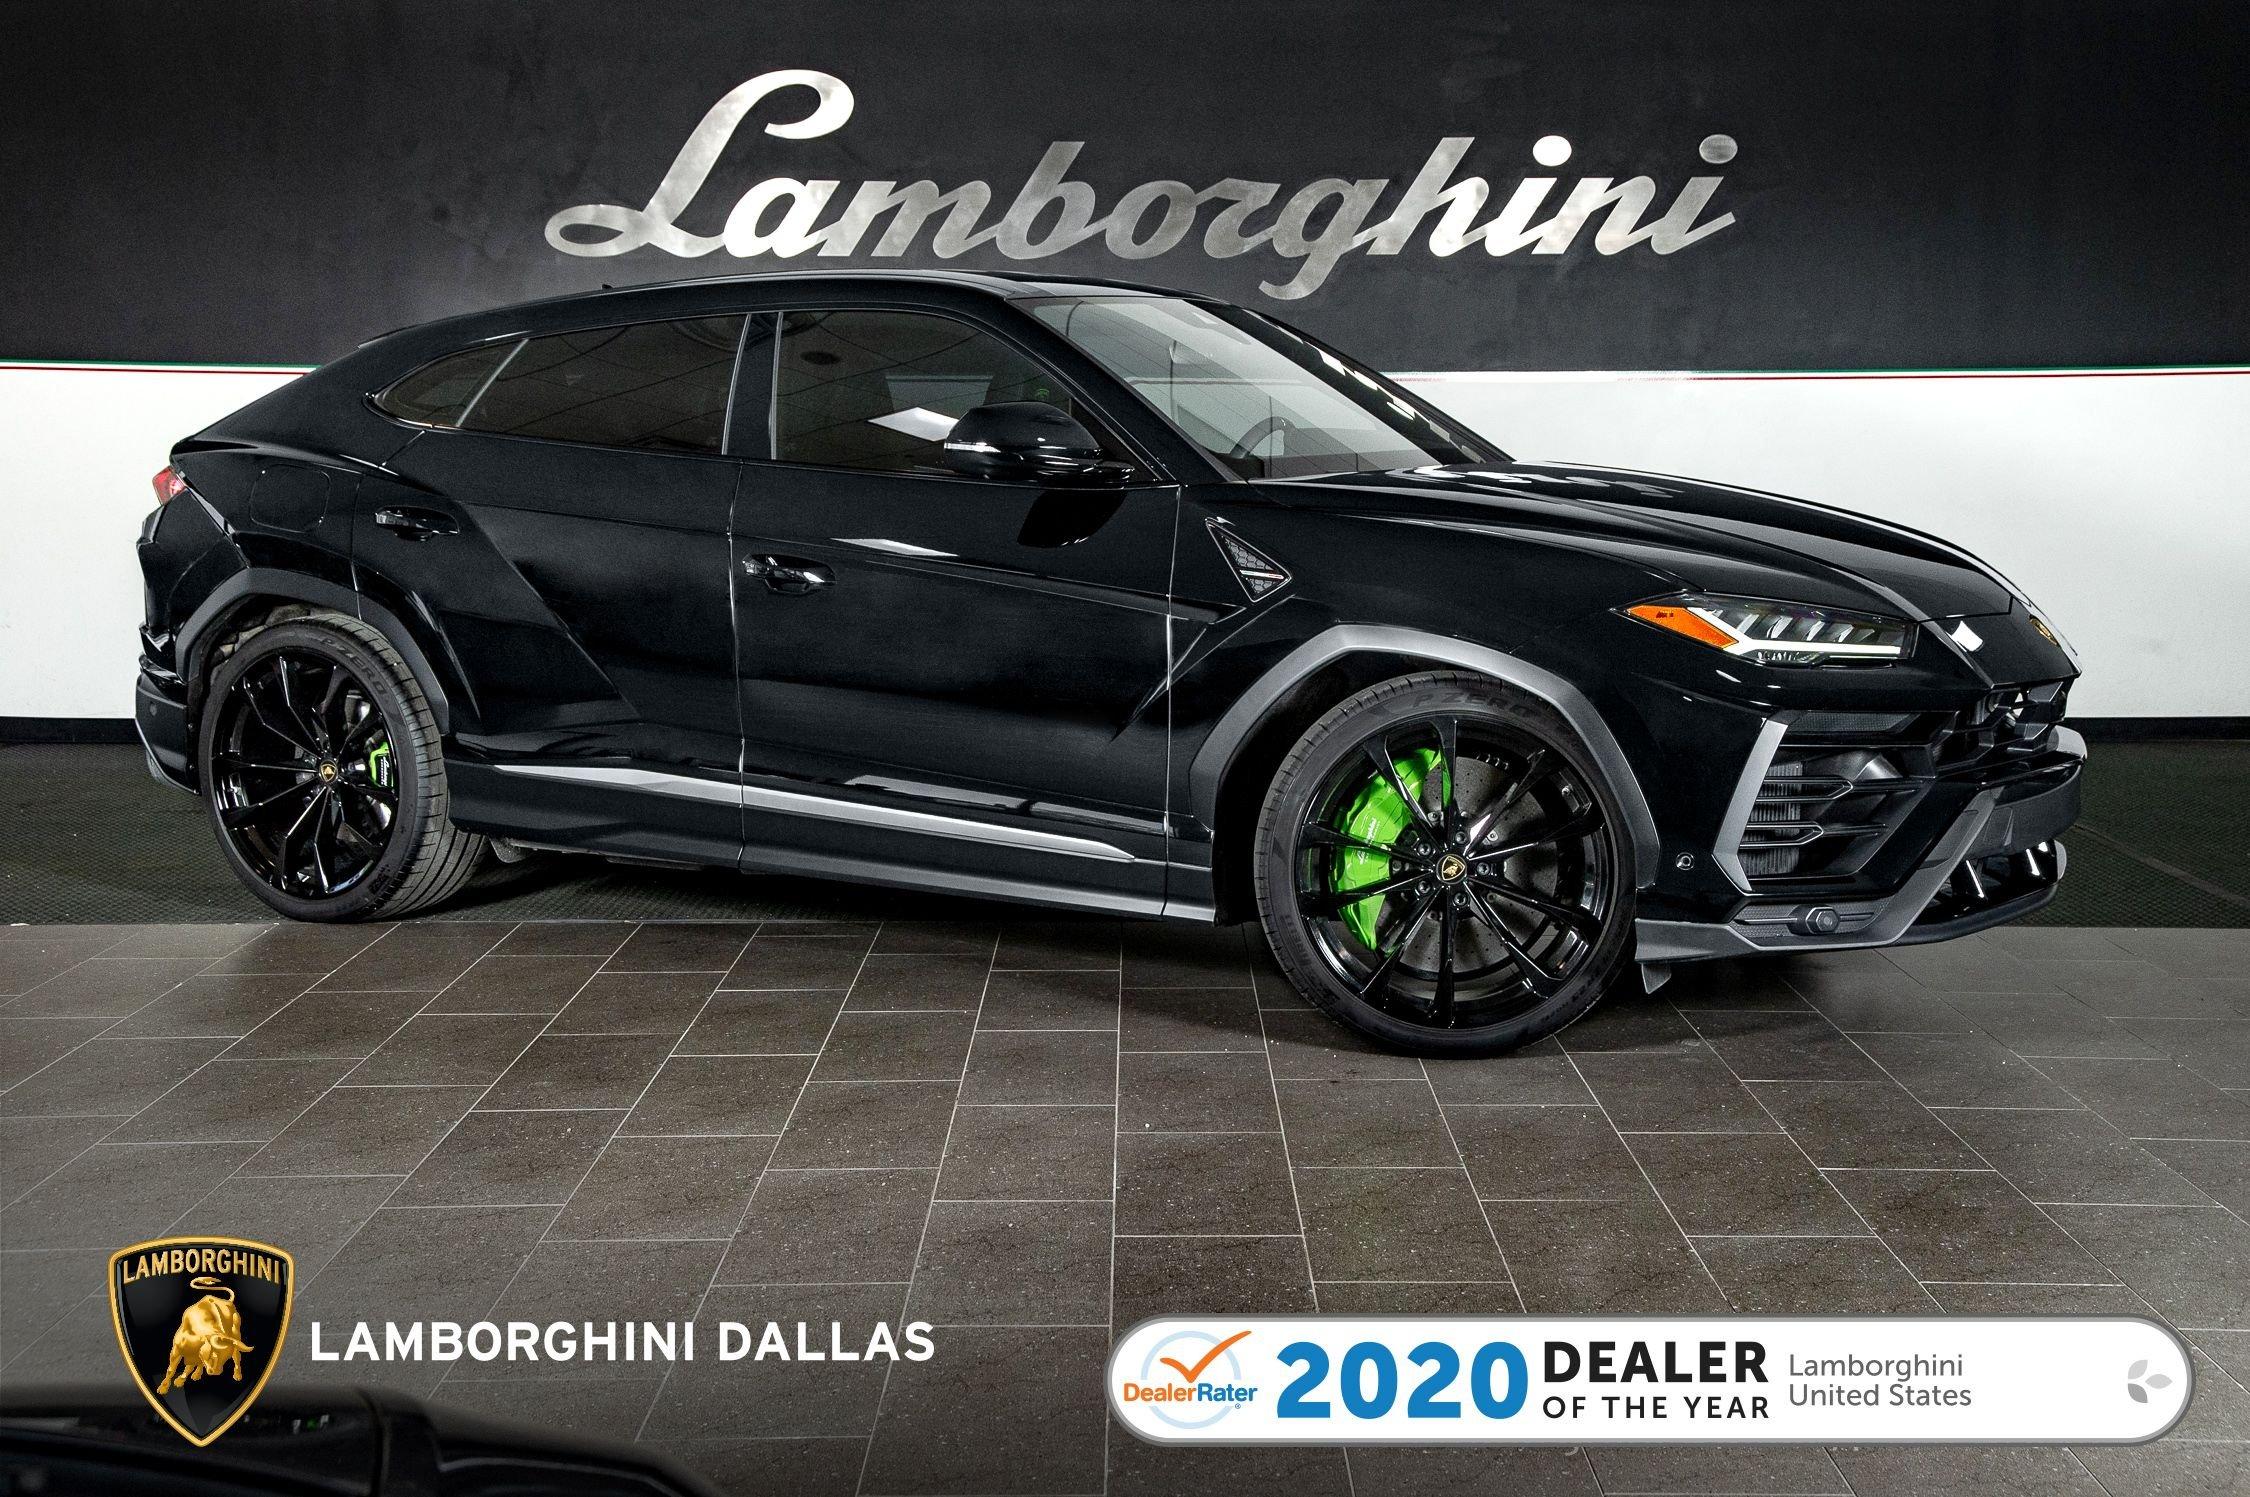 Used 2019 Lamborghini Urus For Sale Richardson Tx Stock L1249 Vin Zpbua1zl8kla04132